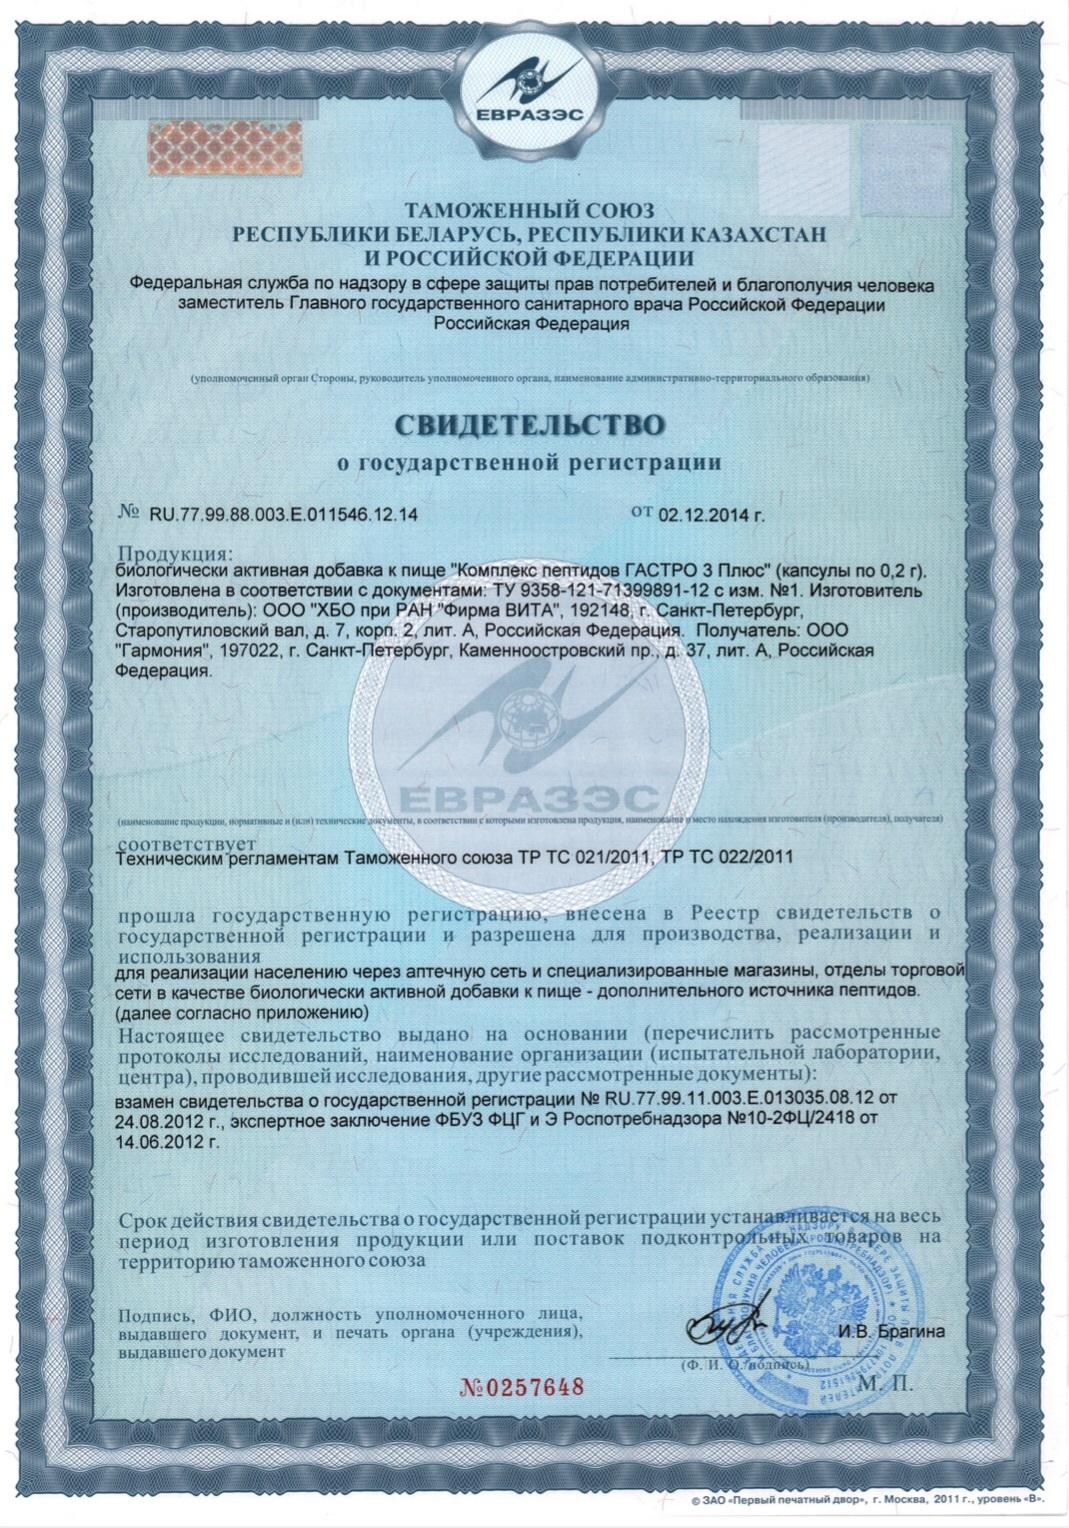 GASTRO 3 Plus® пептидный комплекс сертификат